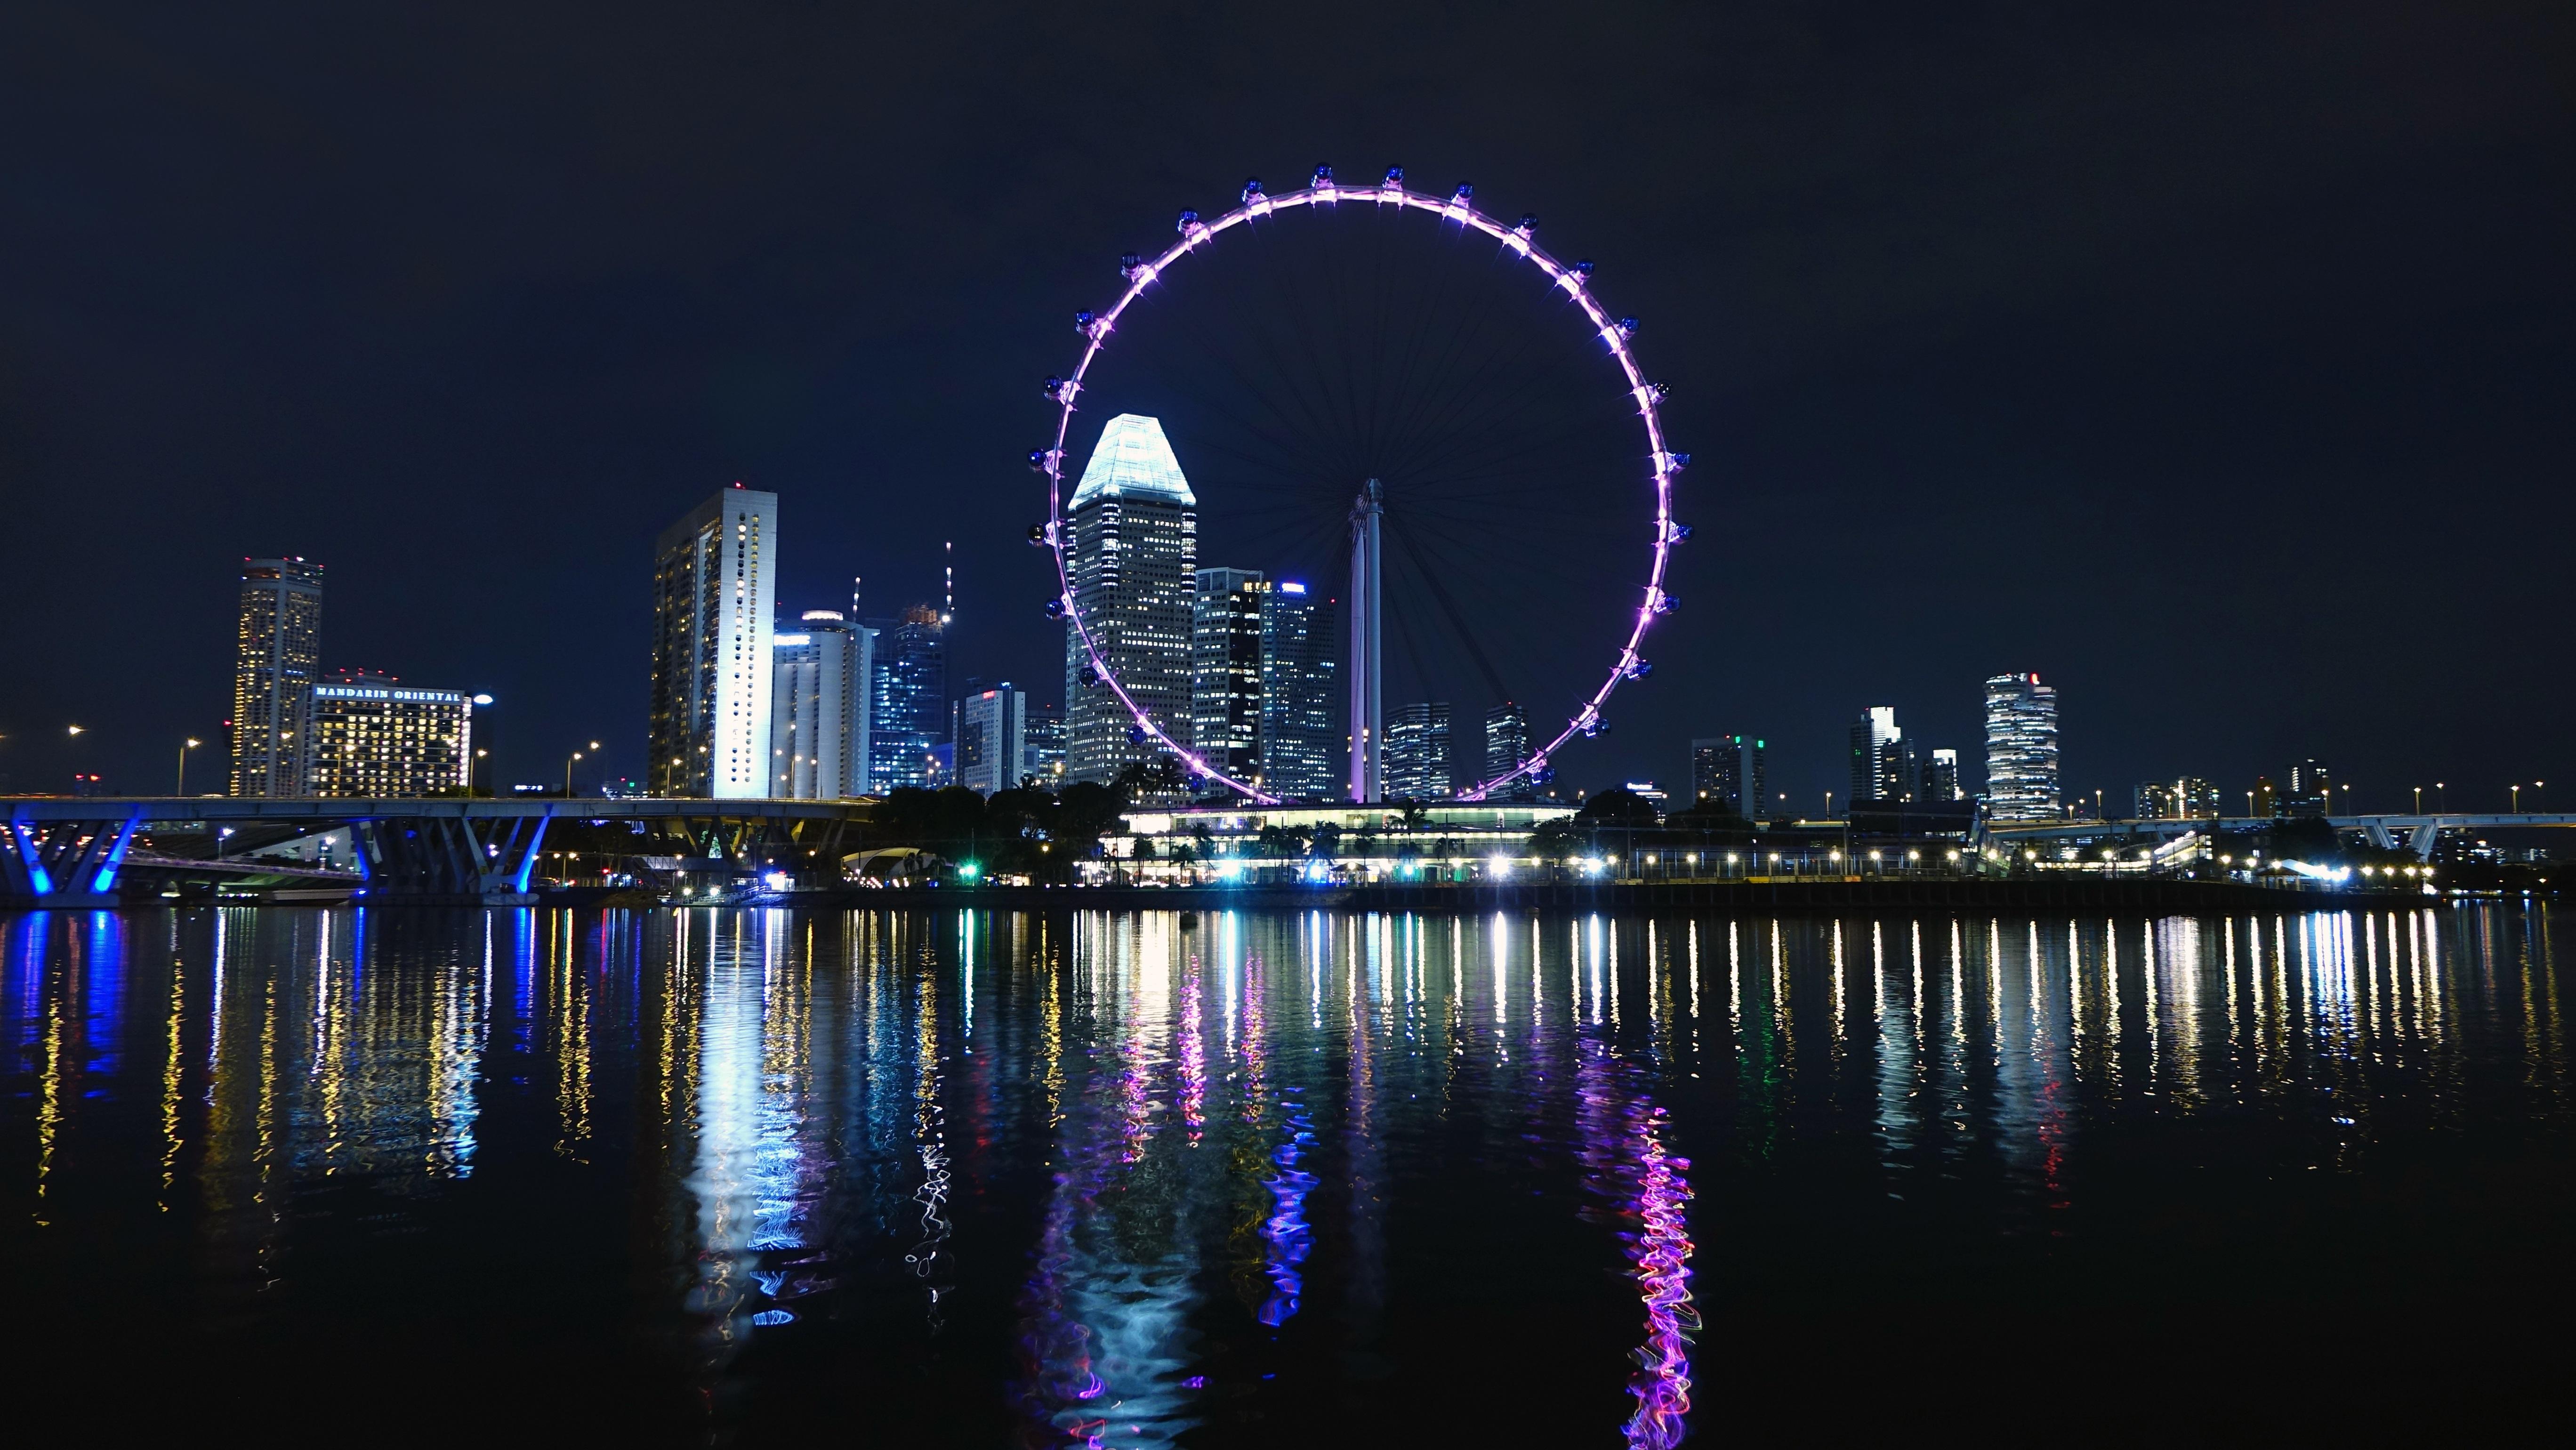 Stock Chart Singapore: London Eye at Night · Free Stock Photo,Chart